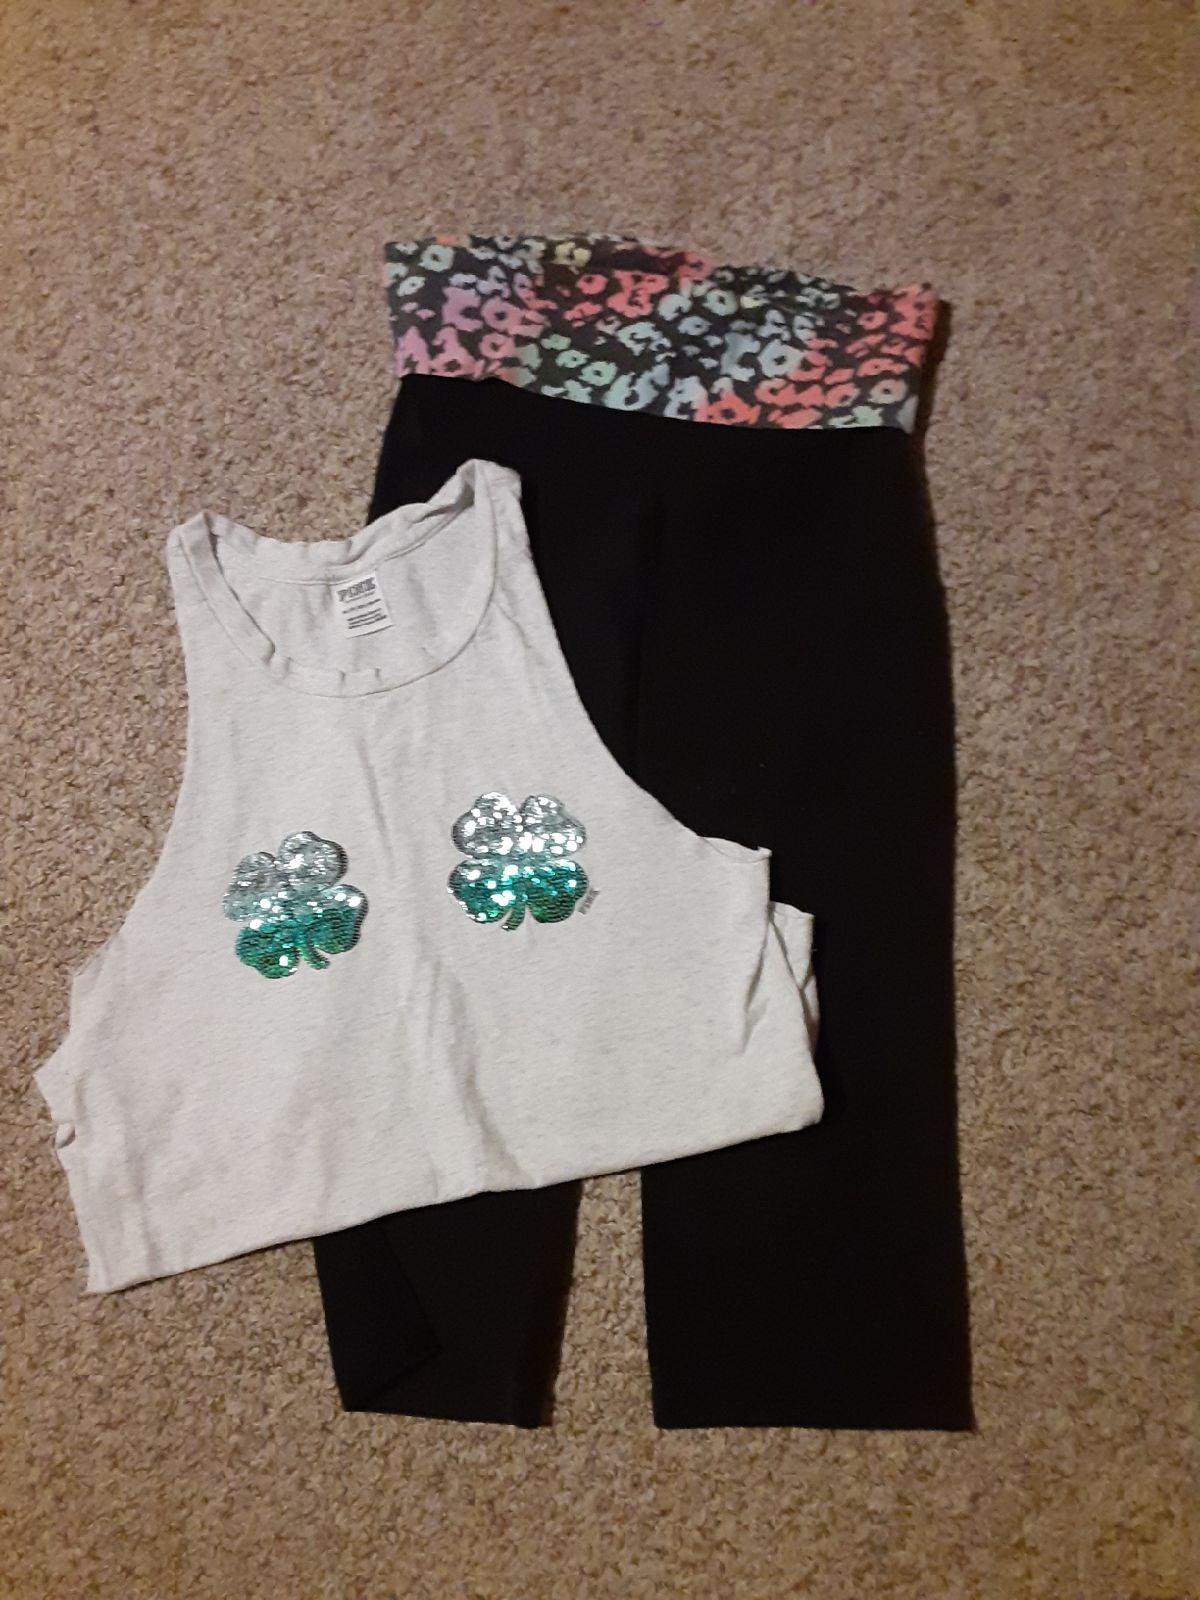 vs PINK leggings & top